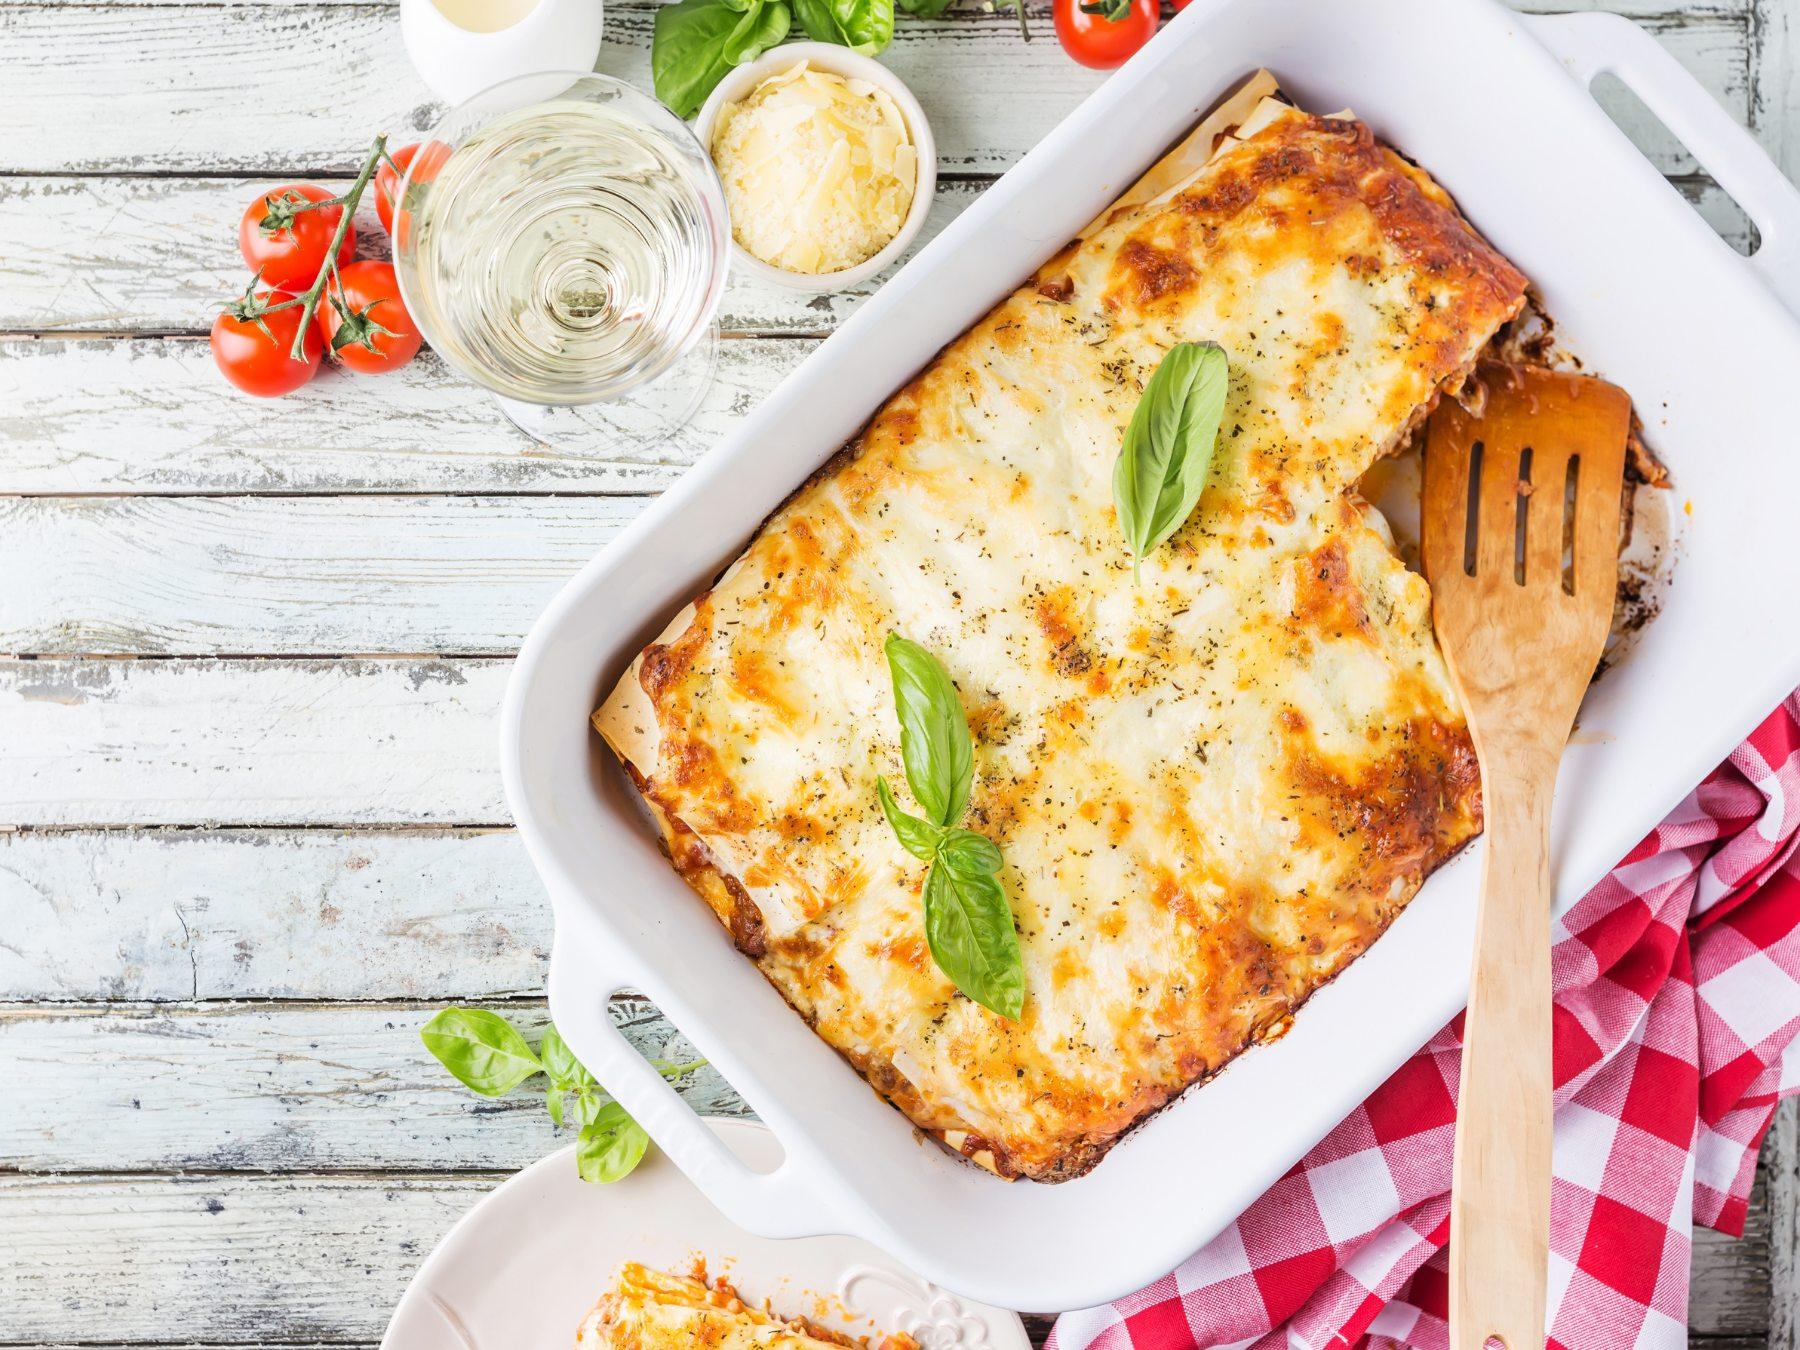 Vychutnejte si lasagne aneb představuje se klasický italský recept